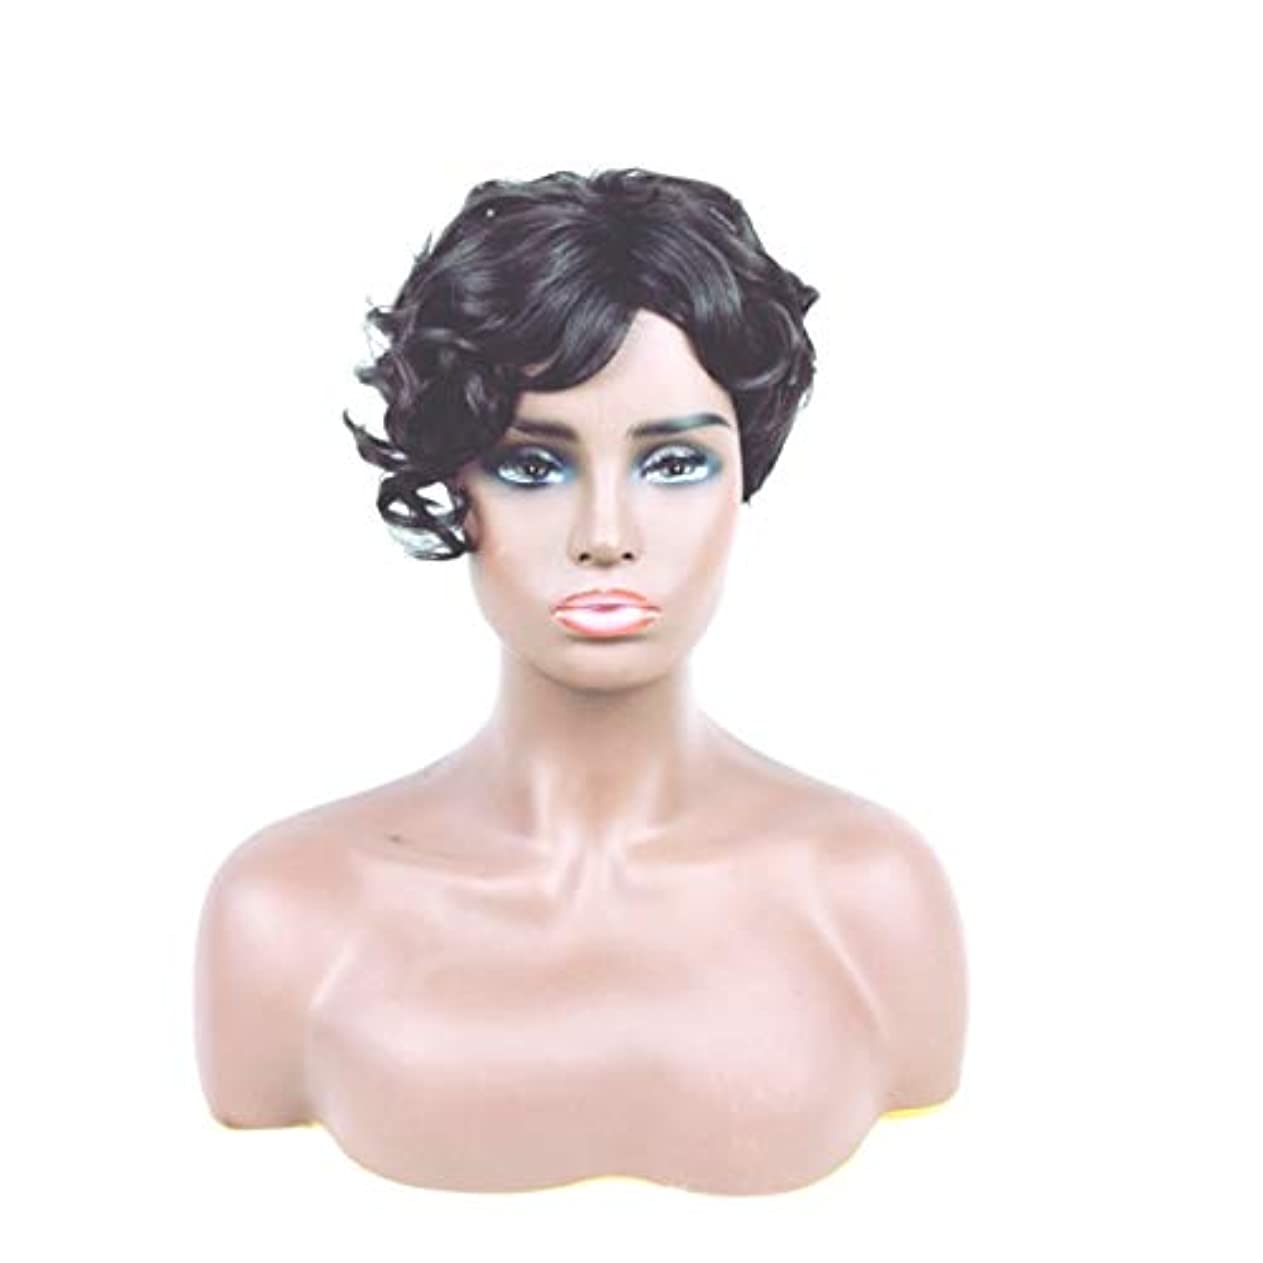 層聴覚広告するKerwinner ショートカーリーヘアウィッグ人工毛フルウィッグ自然に見える耐熱性女性用